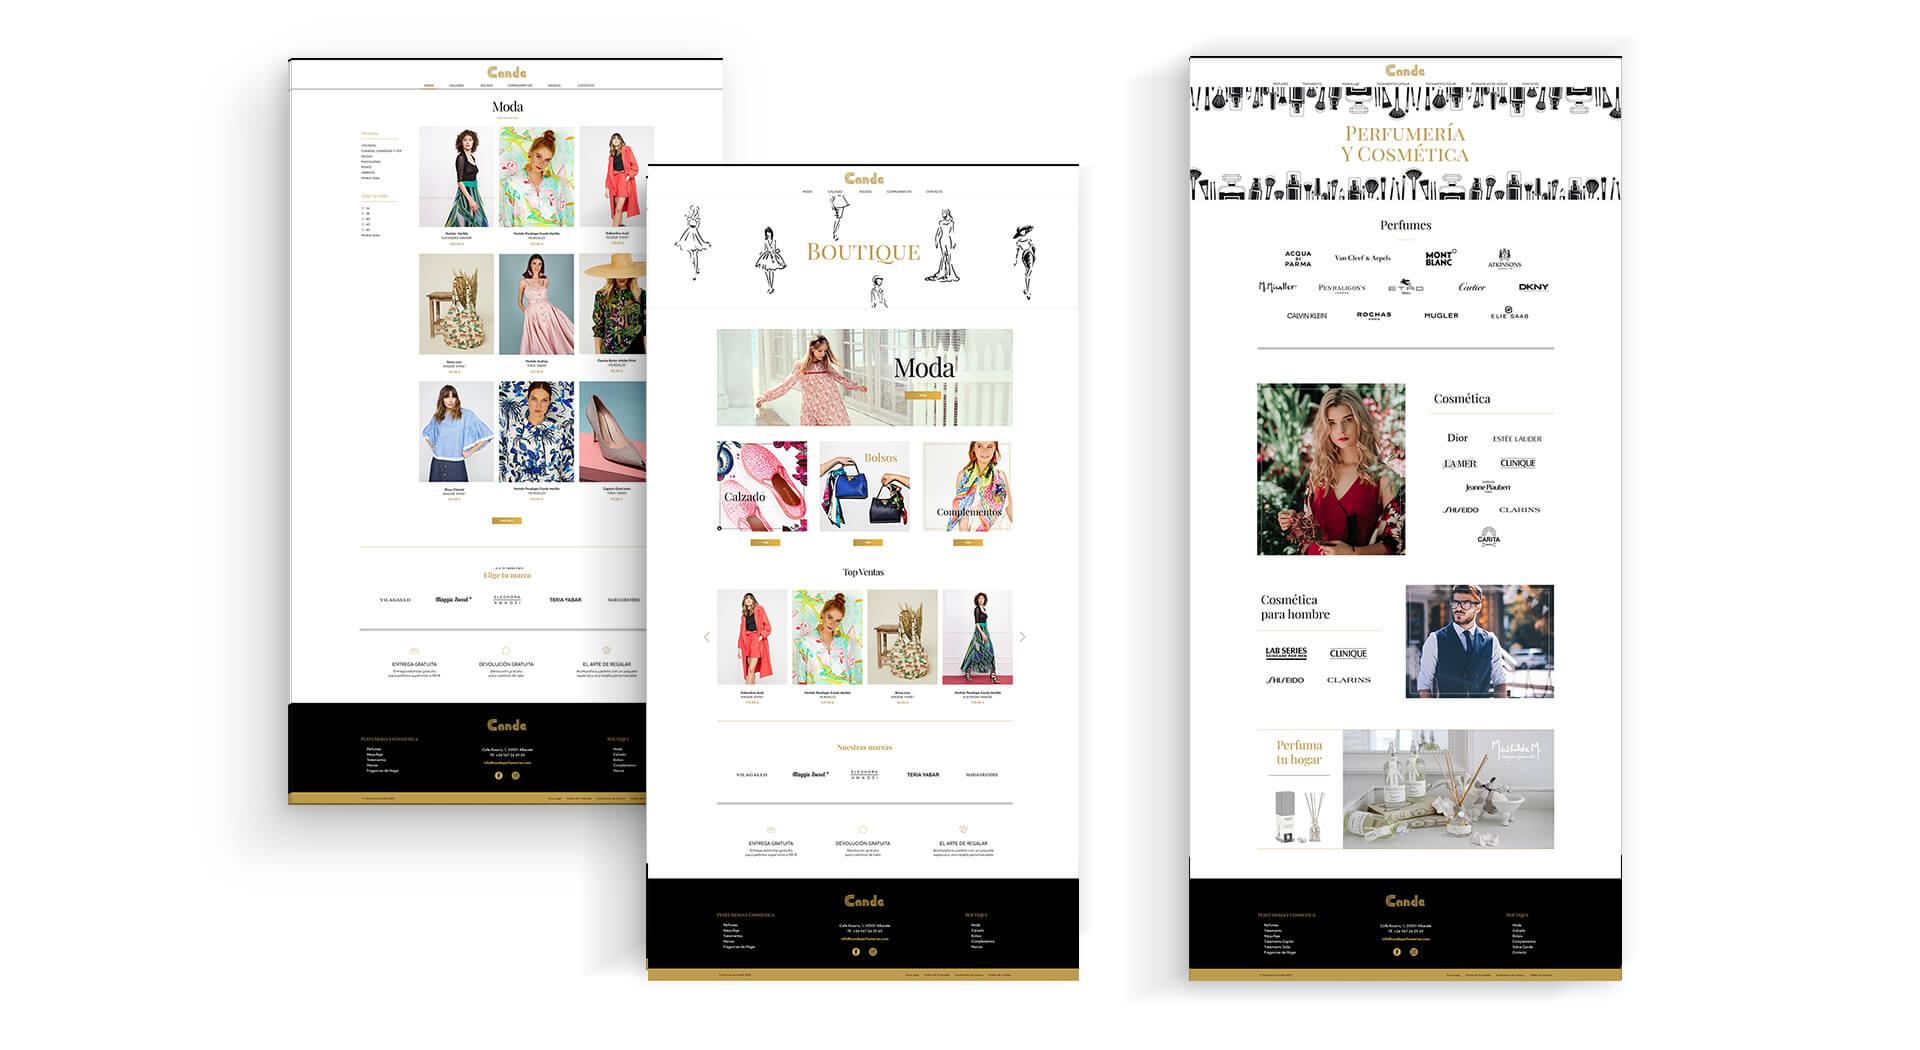 Zona kamaleon - Diseño Web Boutique y Perfumeria Cande